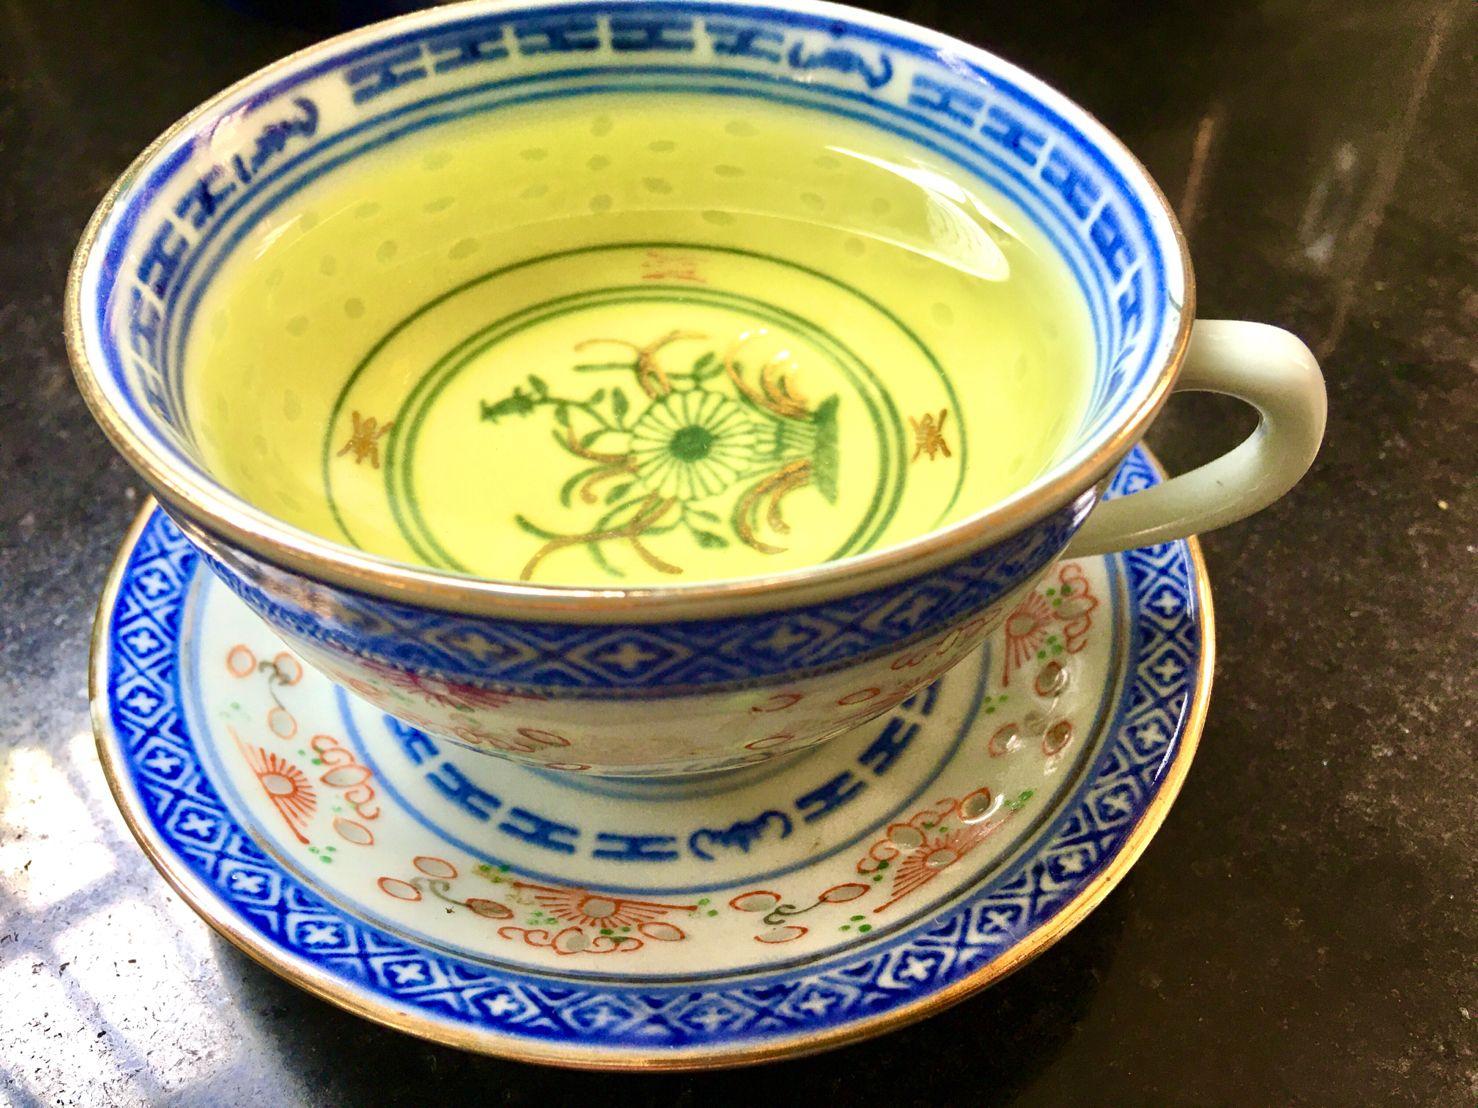 Táiwān Jīnxūan Gāoshān Chá, 臺灣金萱高山茶, Taiwan Jin Xuan High Mountain Tea